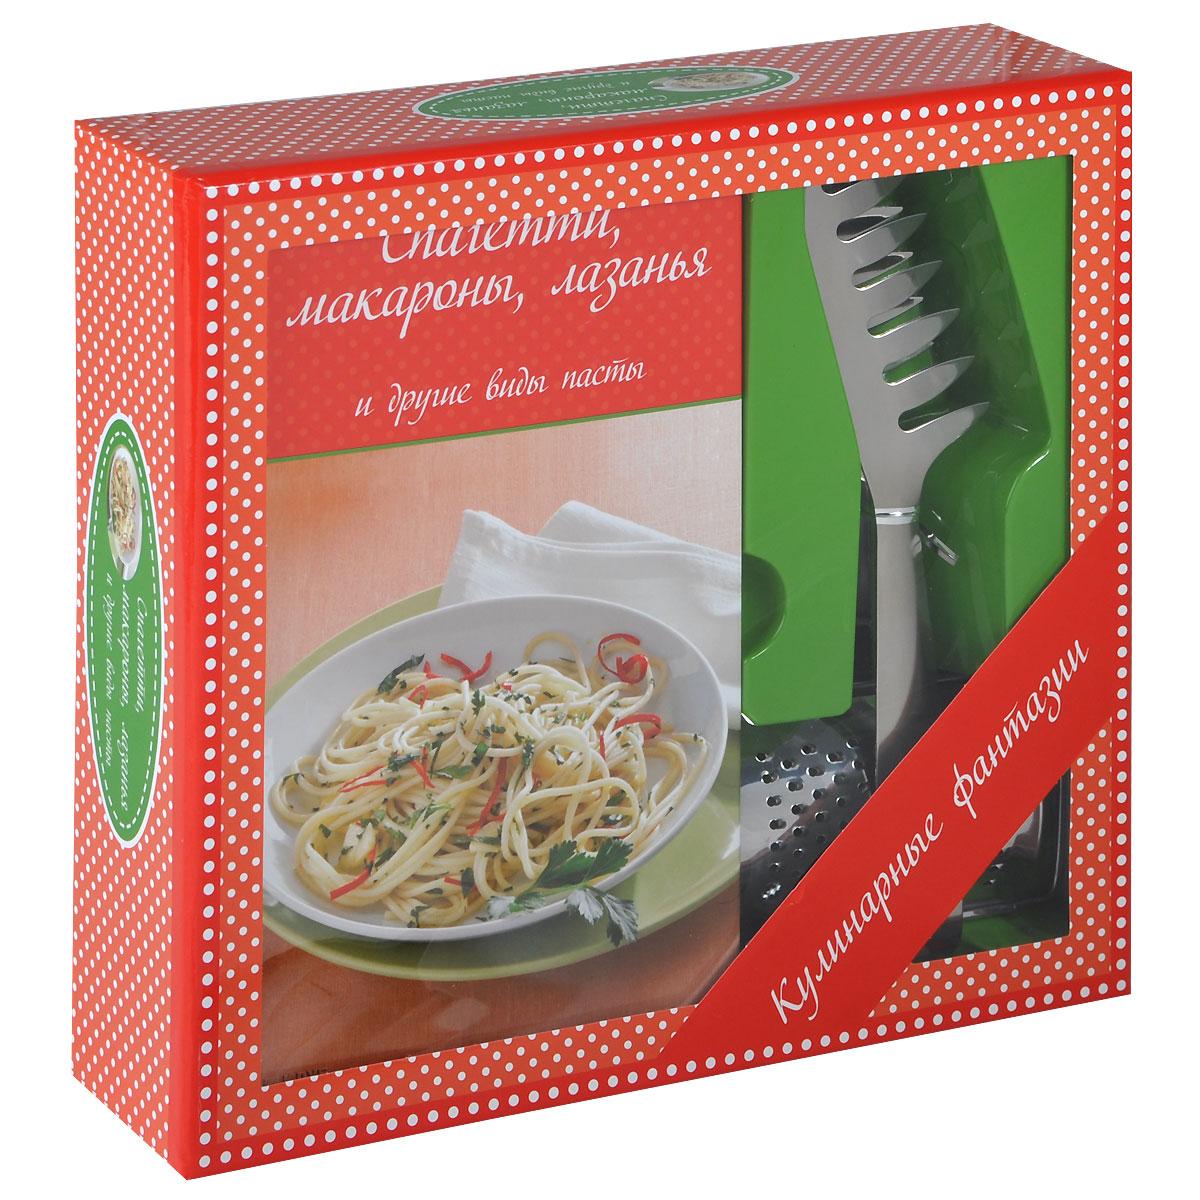 Спагетти, макароны, лазанья и другие виды пасты (+ терка для сыра и щипцы для спагетти) кухня гурмана изысканные рецепты от лучших поваров